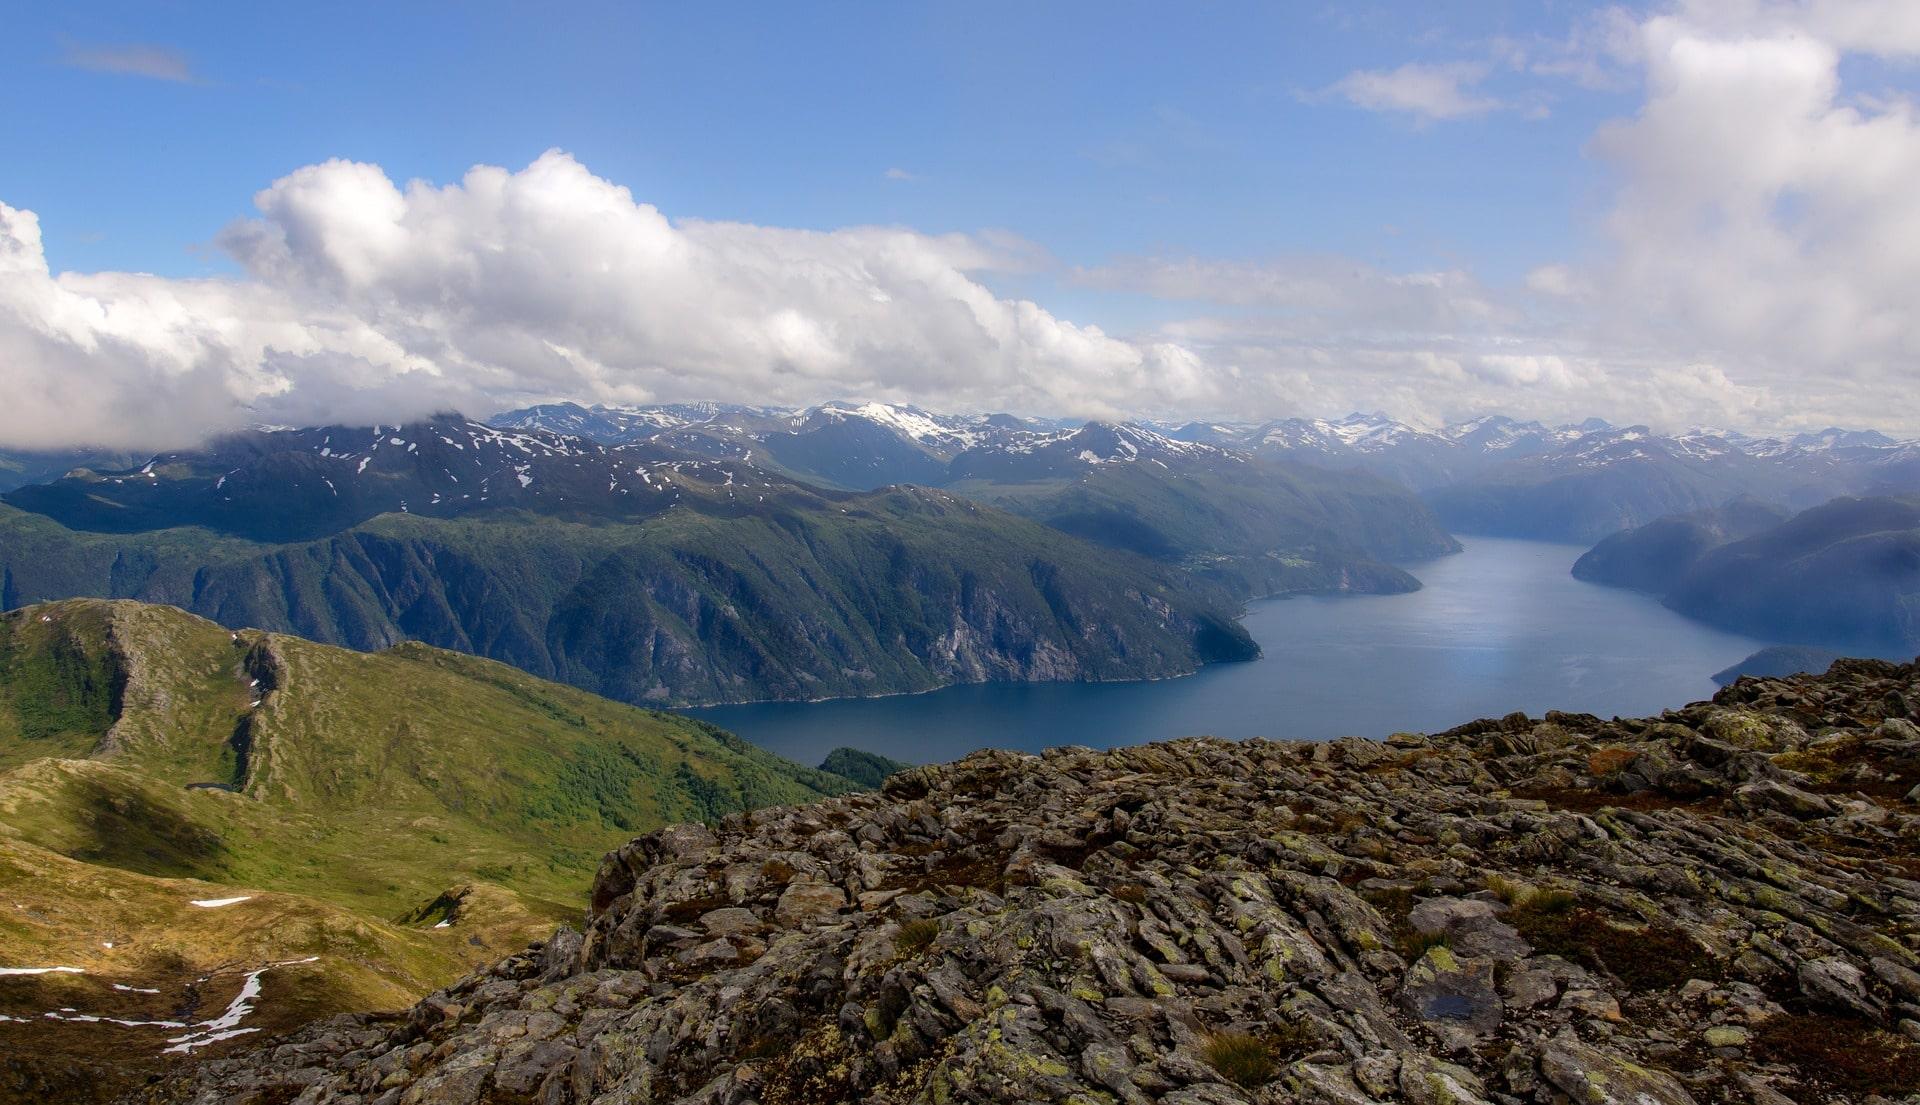 Crociera nei fiordi norvegesi: paesaggi mozzafiato.